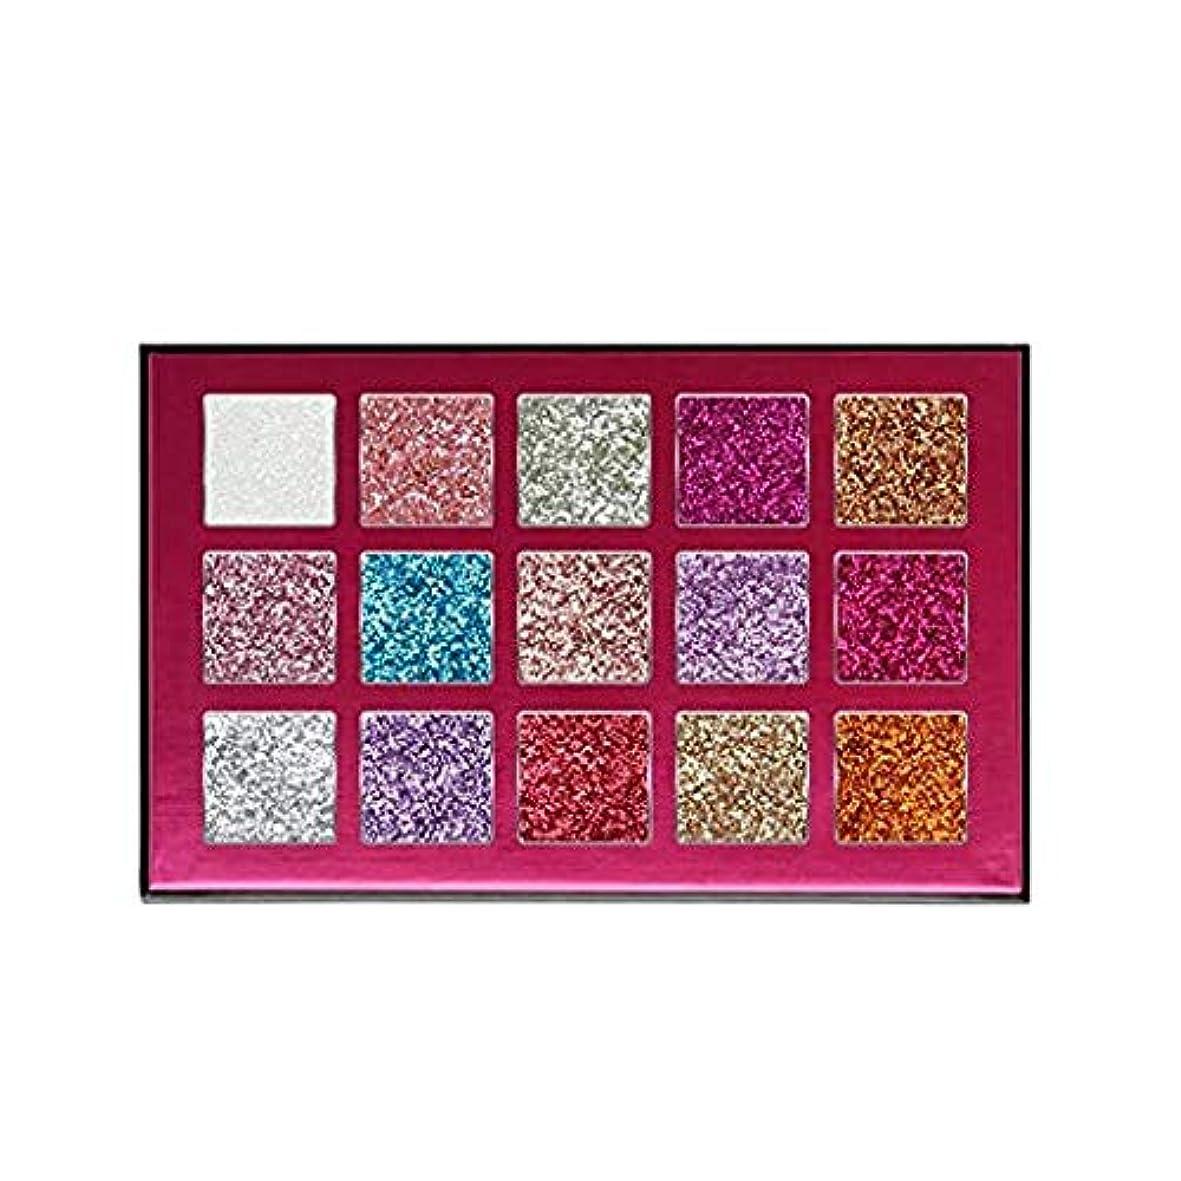 北東不実無効にするアイシャドウパレット、15色永続的なダイヤモンド防水アートメイクアップアイシャドウパレット化粧道具 (3)